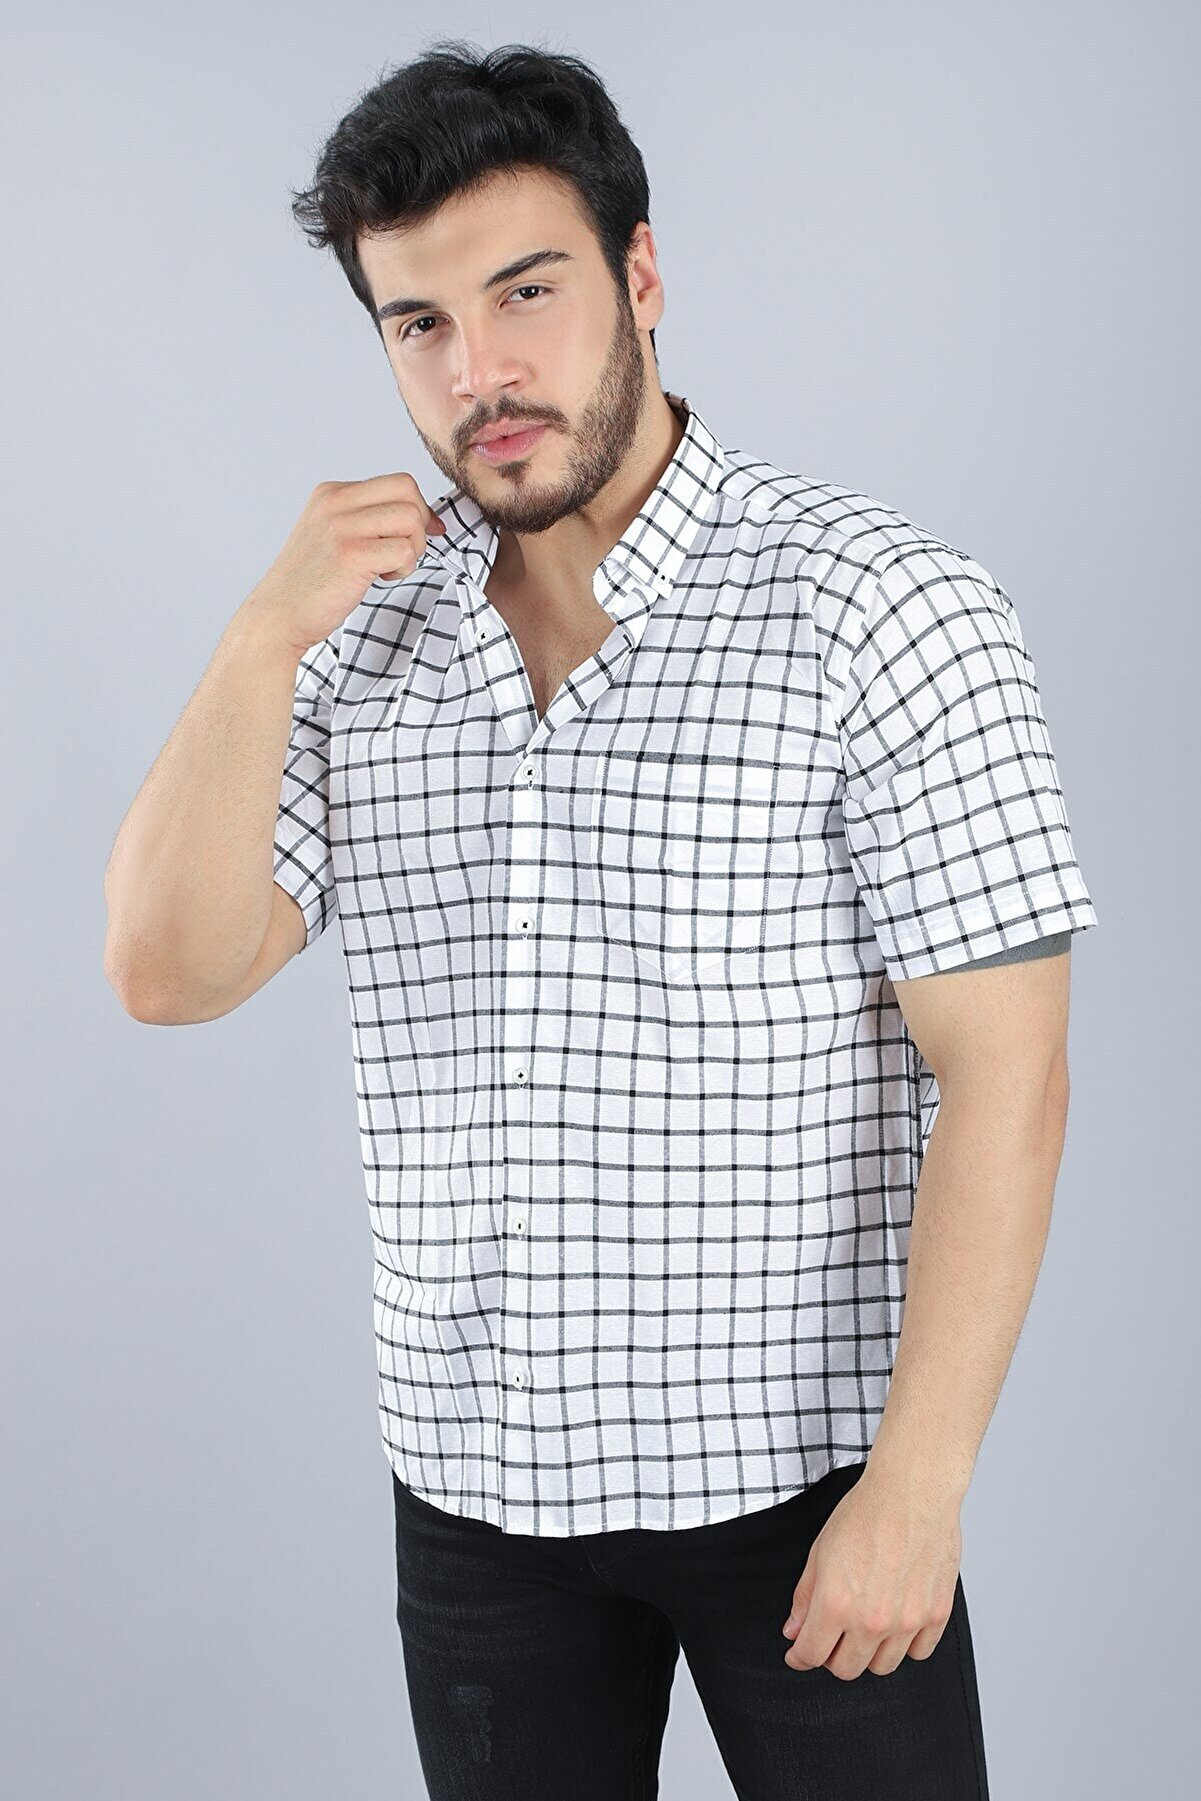 Arlin Erkek Cepli Düğmeli Normal Kalıp Kısa Kollu Siyah-beyaz Kısa Kol Gömlek